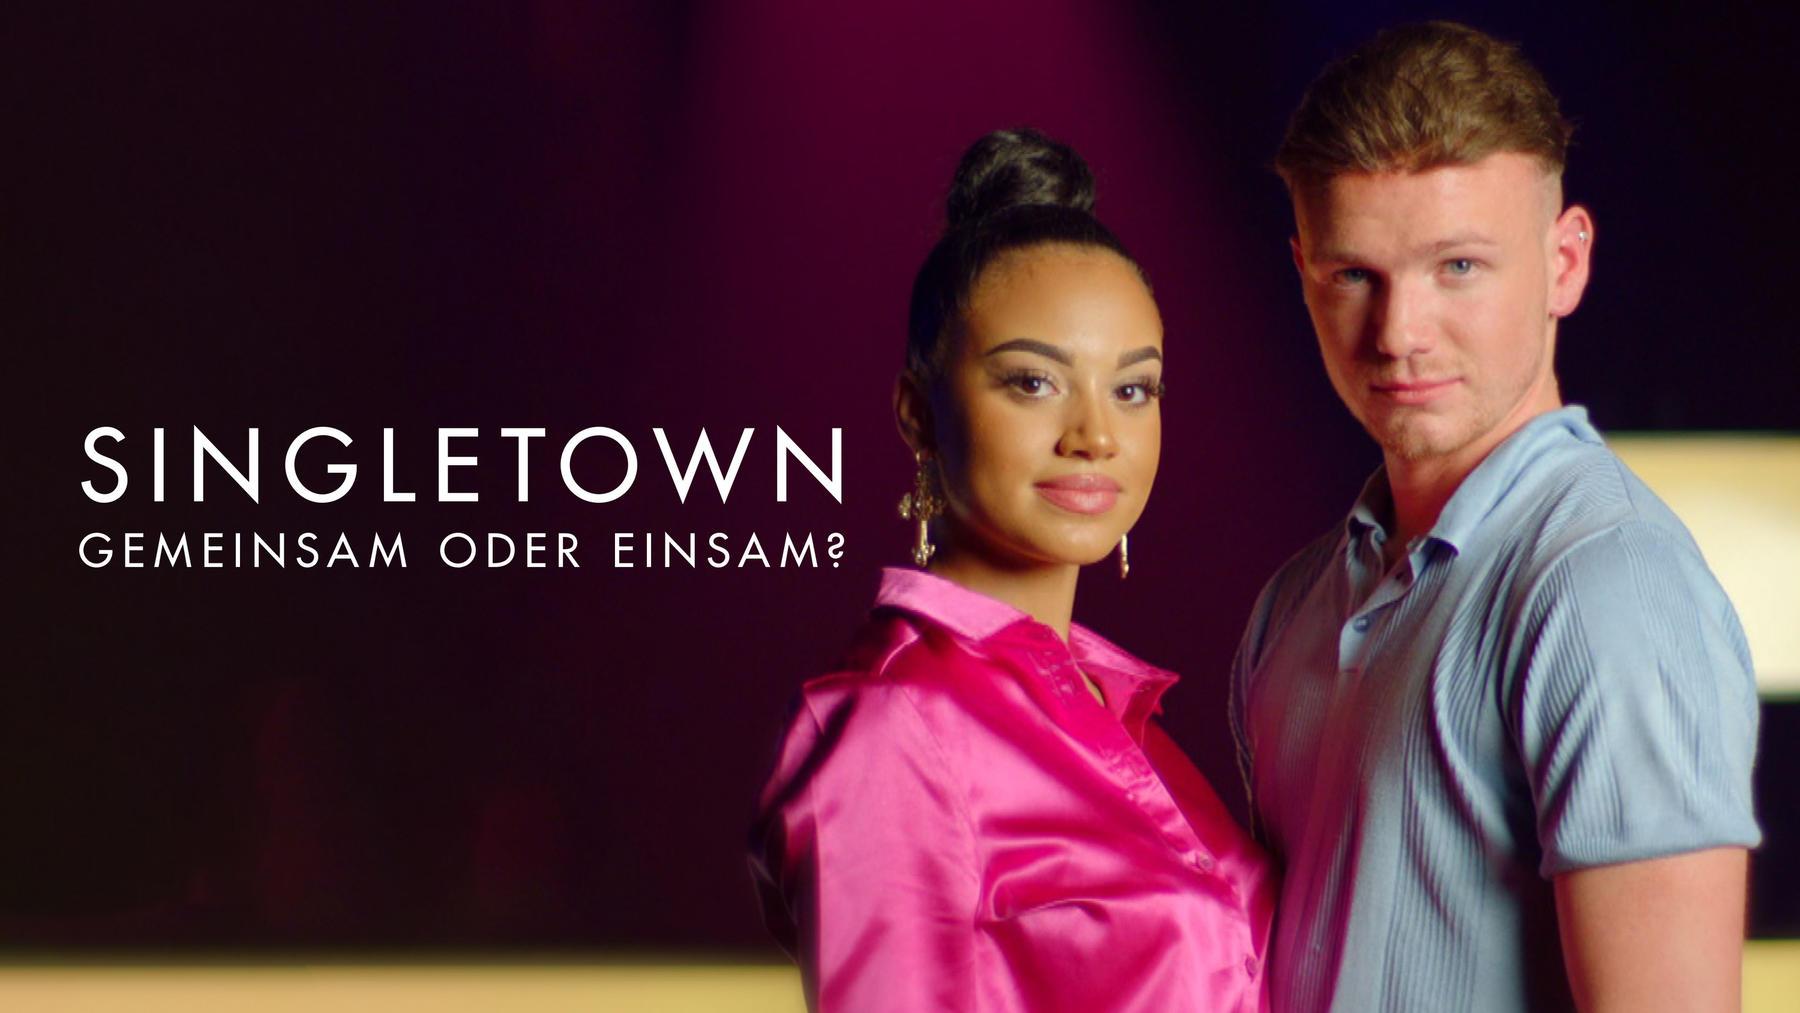 Singletown - Gemeinsam oder einsam?